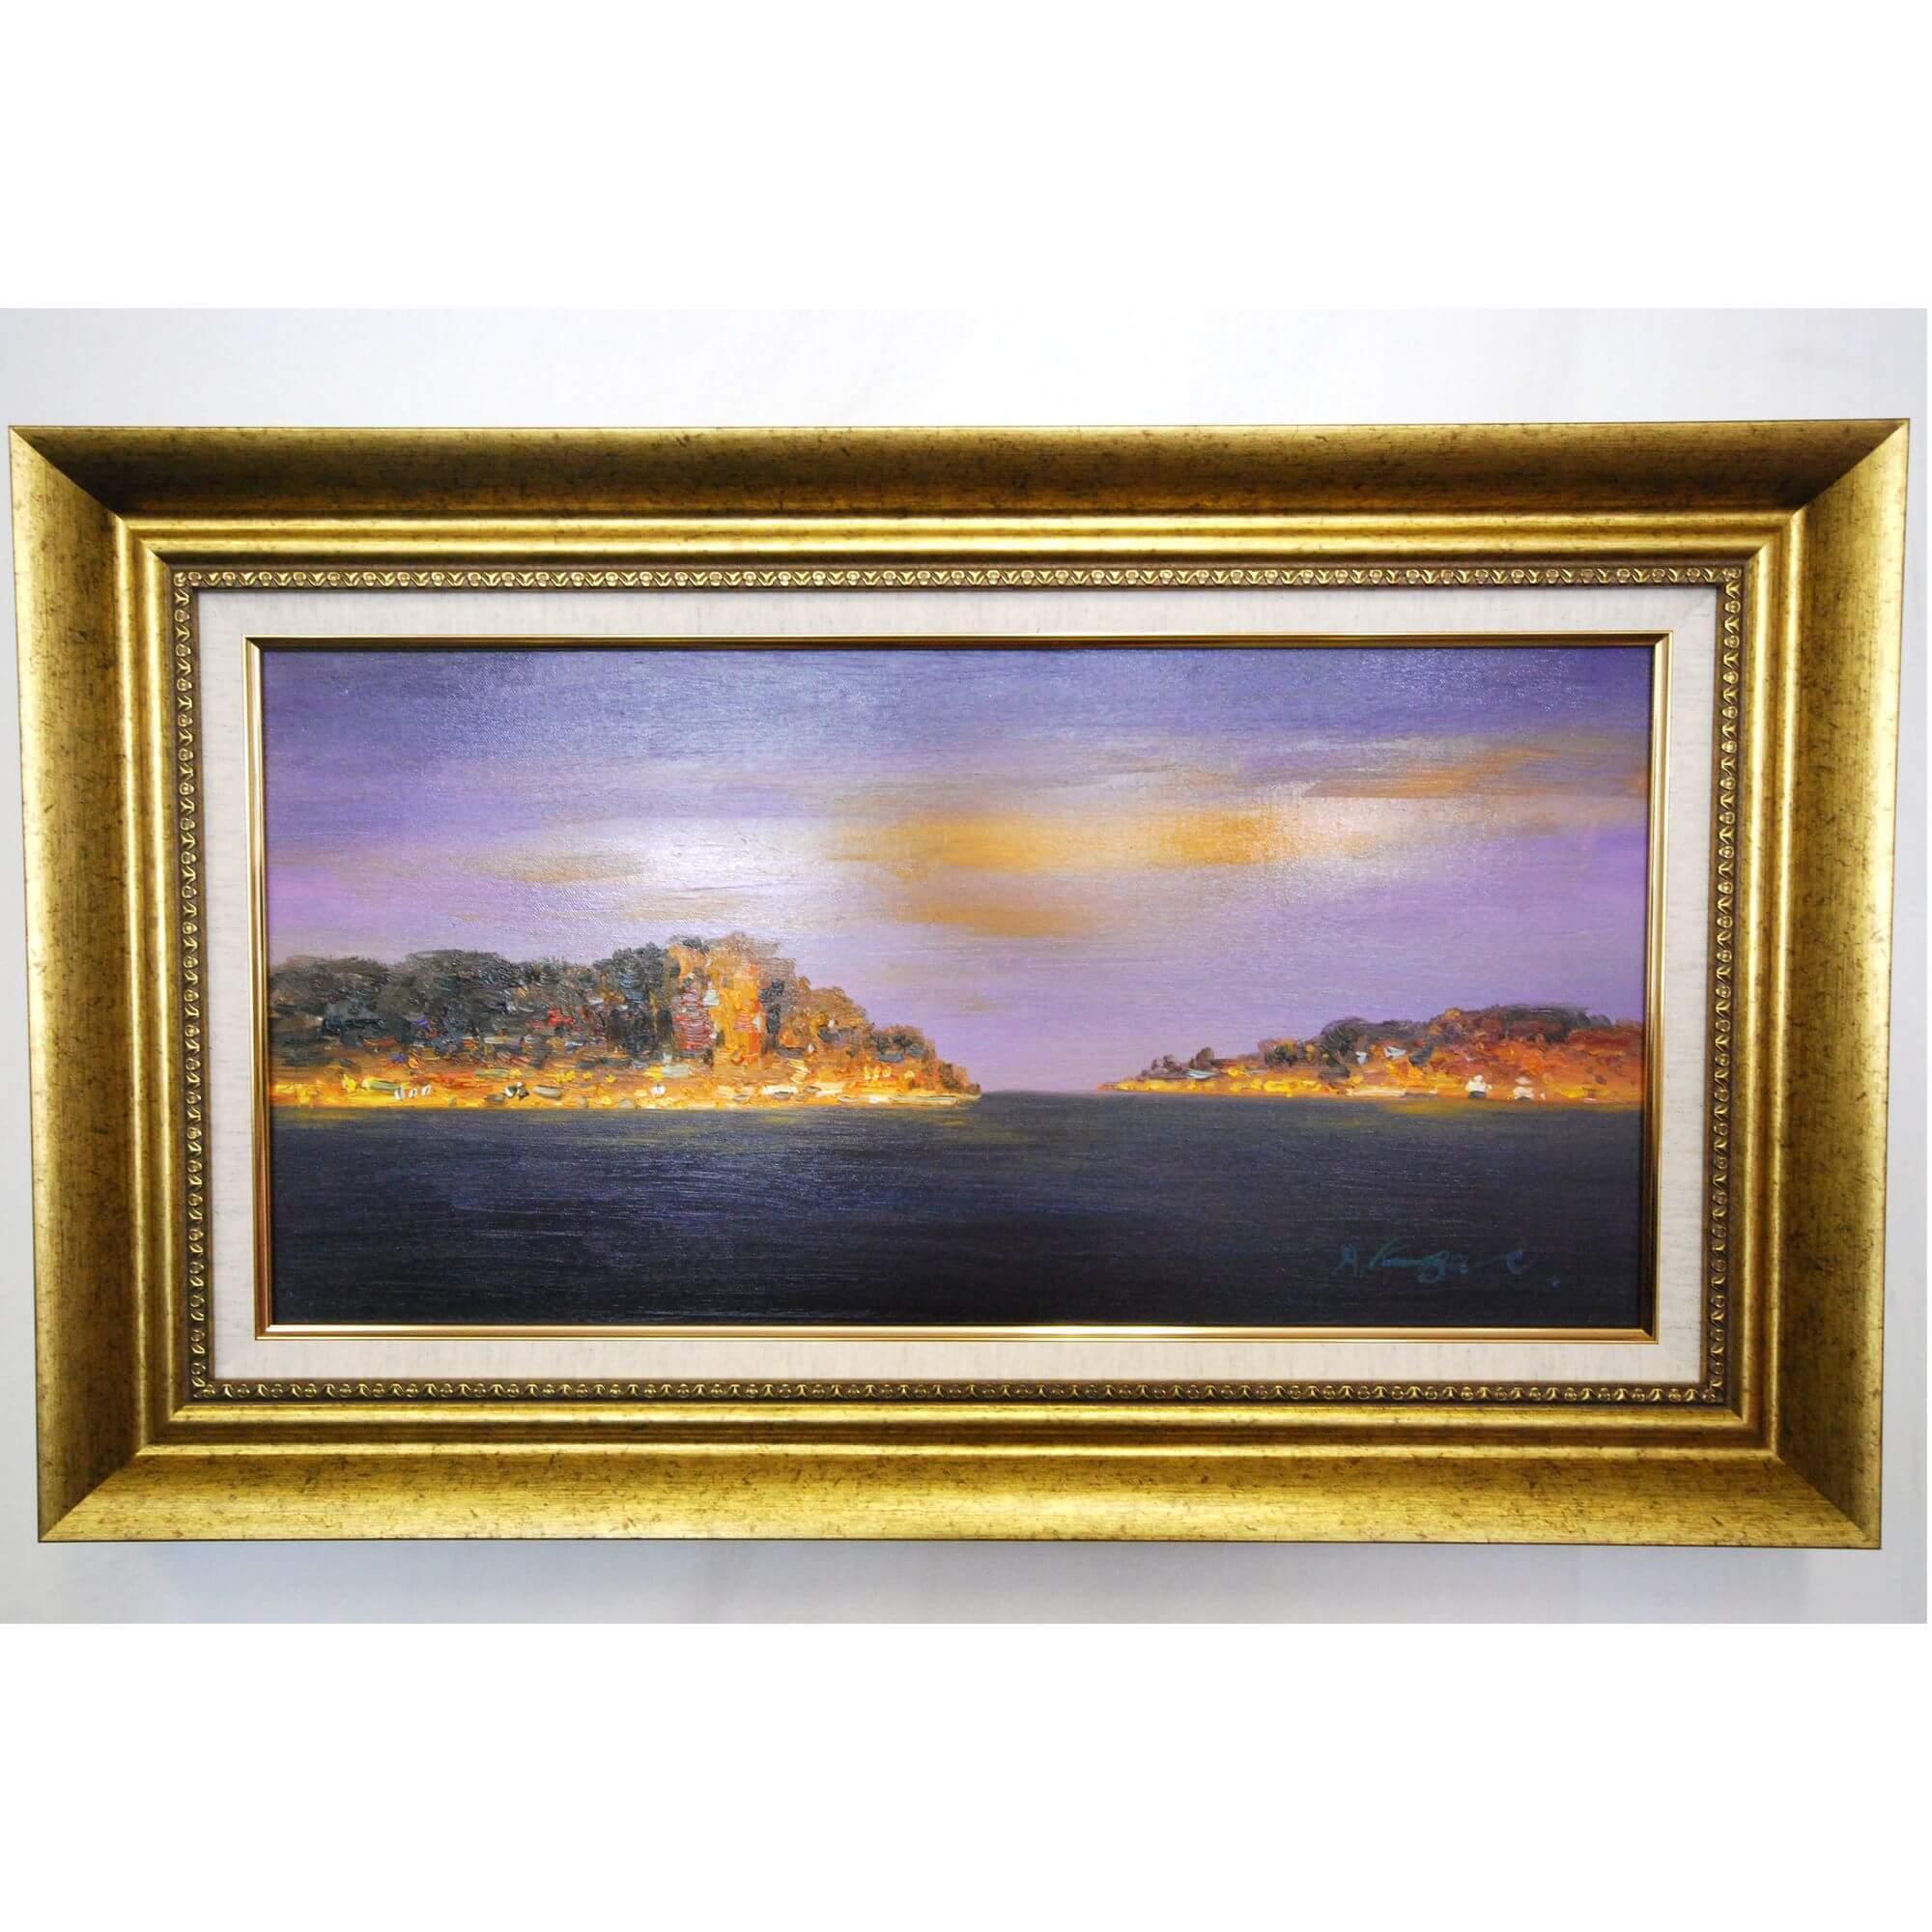 絵画: 油絵 | 熊谷敦 | アドリアの黄昏 (アドリア海) | 660x350